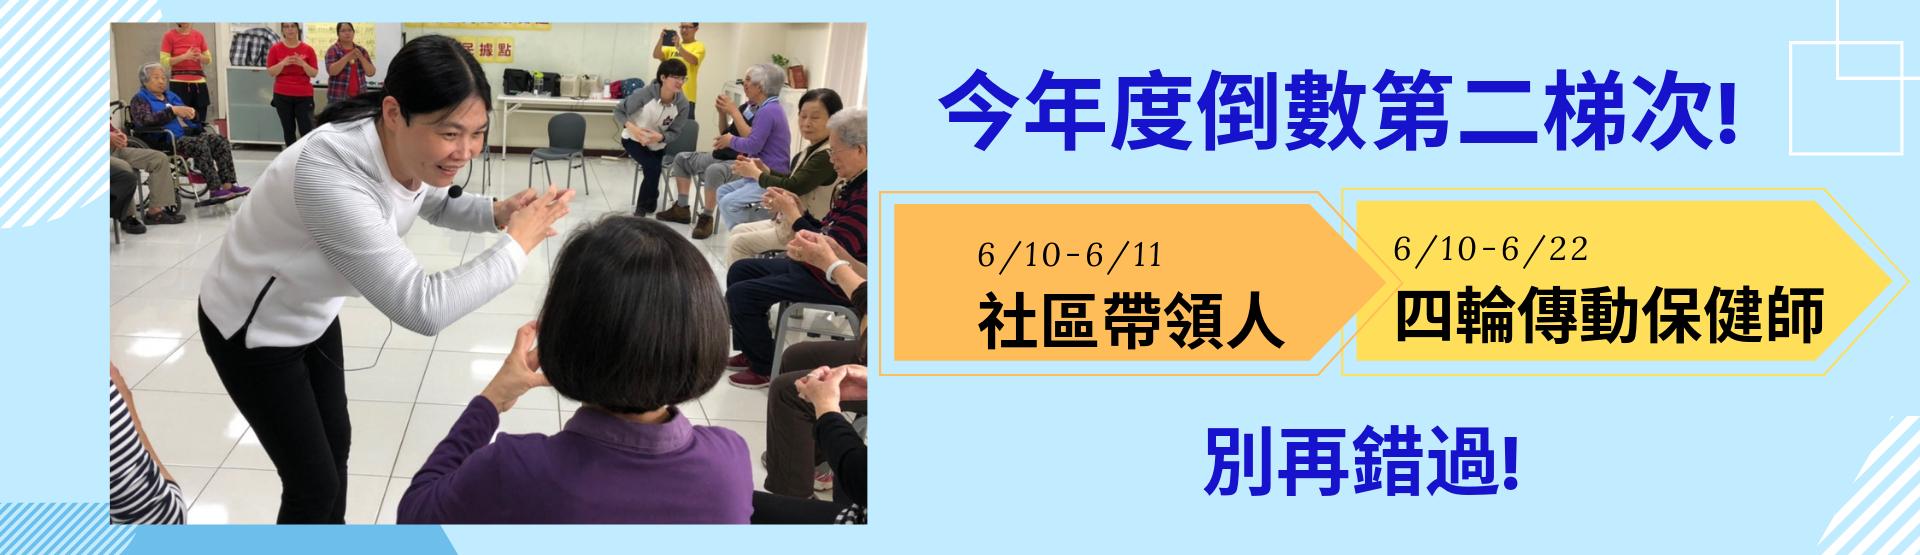 2019年 YMCA高齡者四輪傳動認證課程